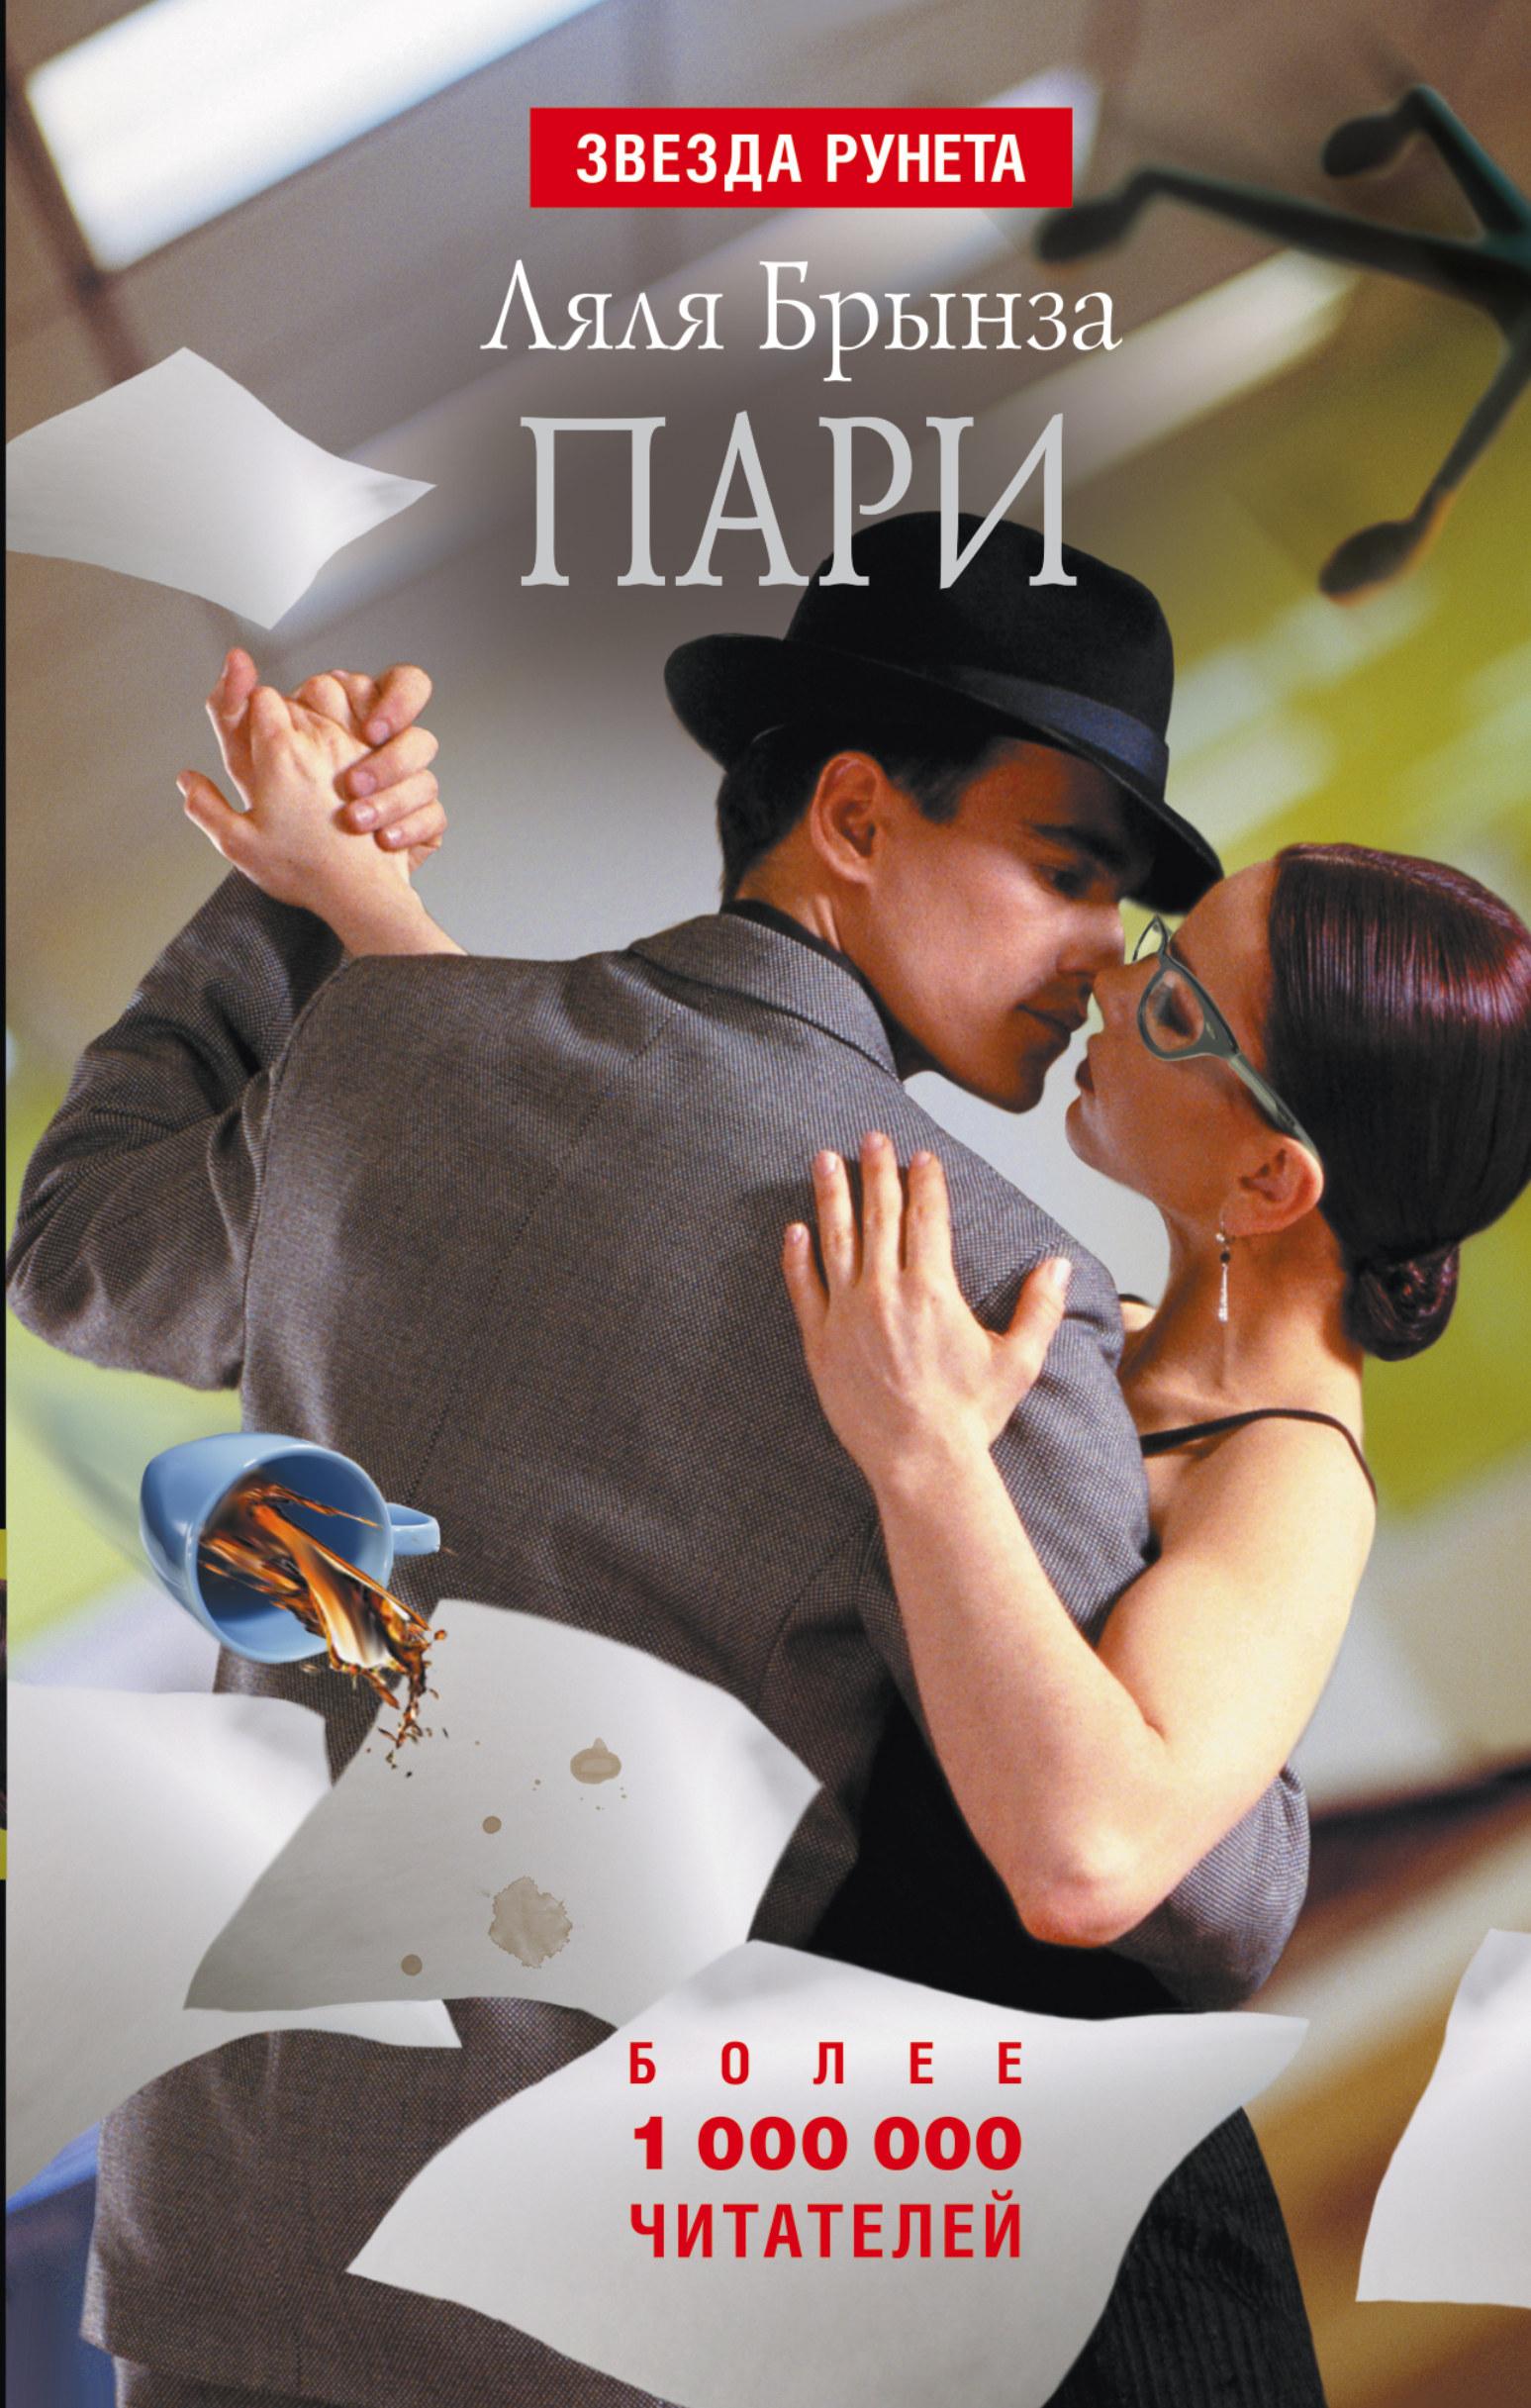 Рассказы из рунета 8 фотография